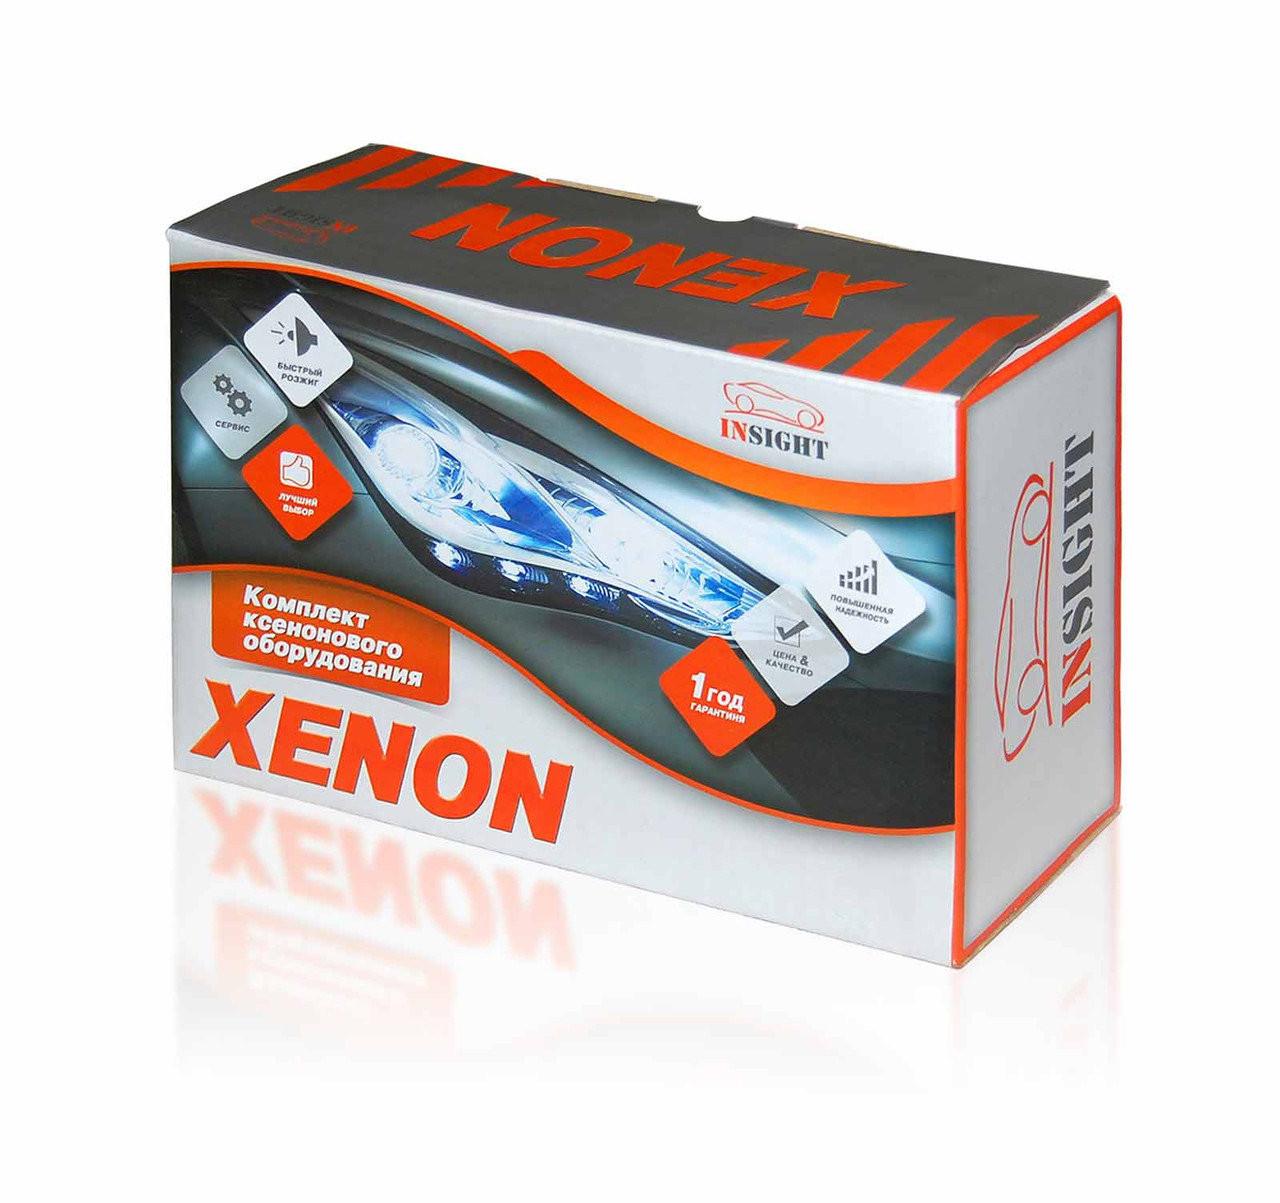 Ксенон Insight HB4 9006 6000k